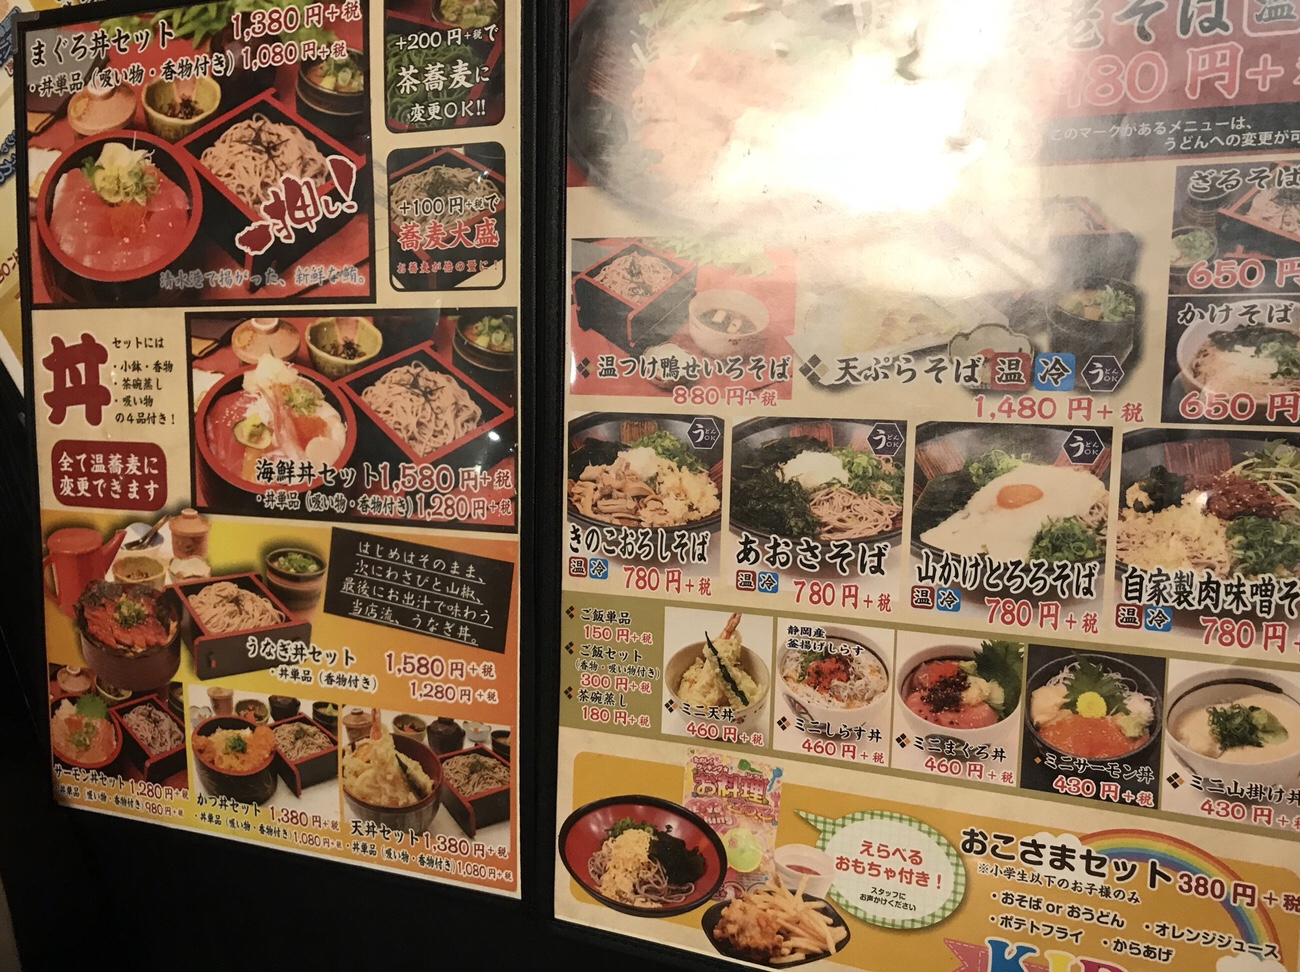 ふじの坊 喜膳(きぜん)掛川駅 メニューの一部